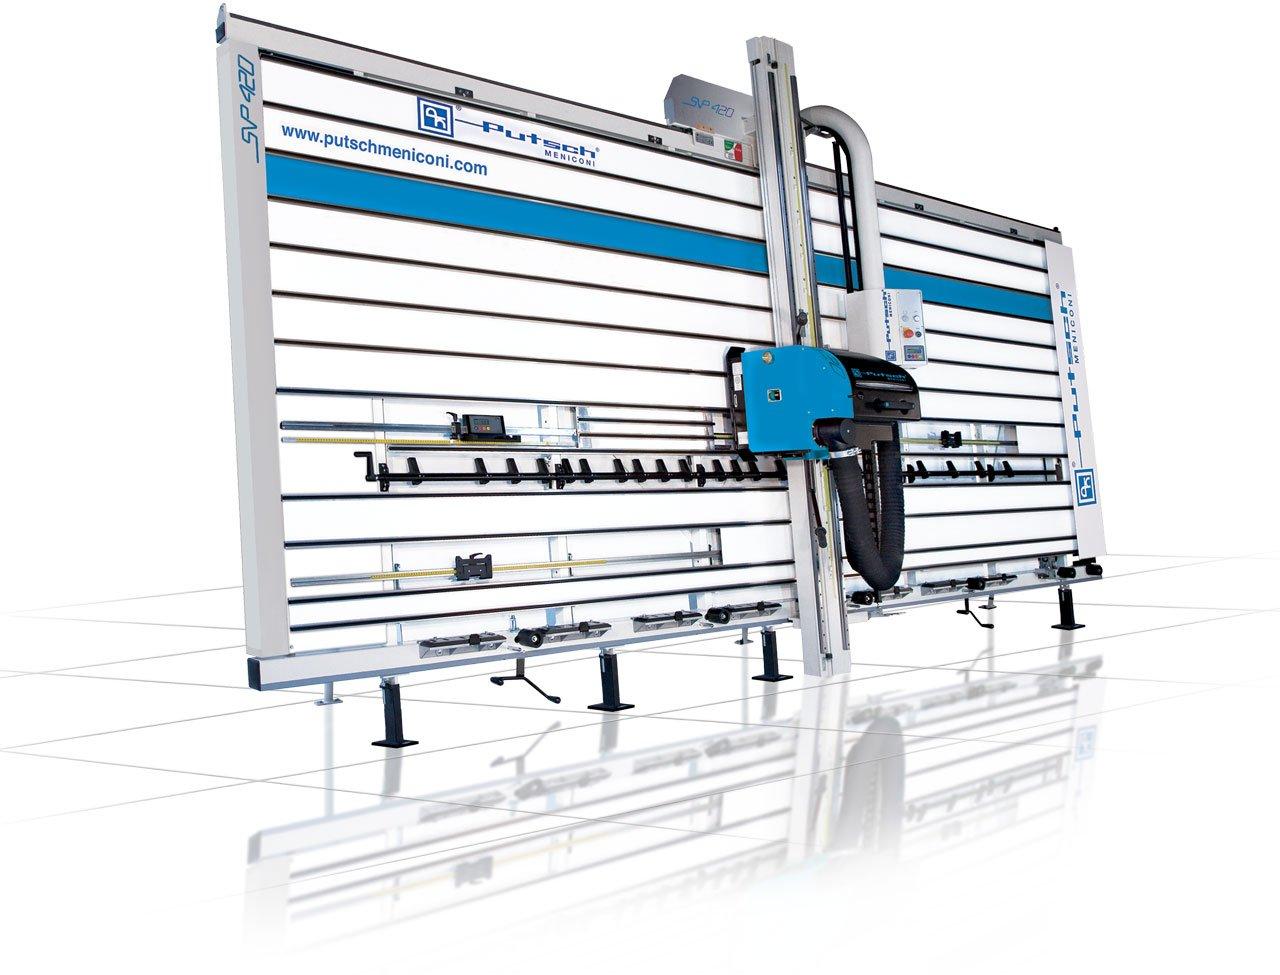 Panneauteuse verticale coupe bois SVP 420 Putsch Meniconi